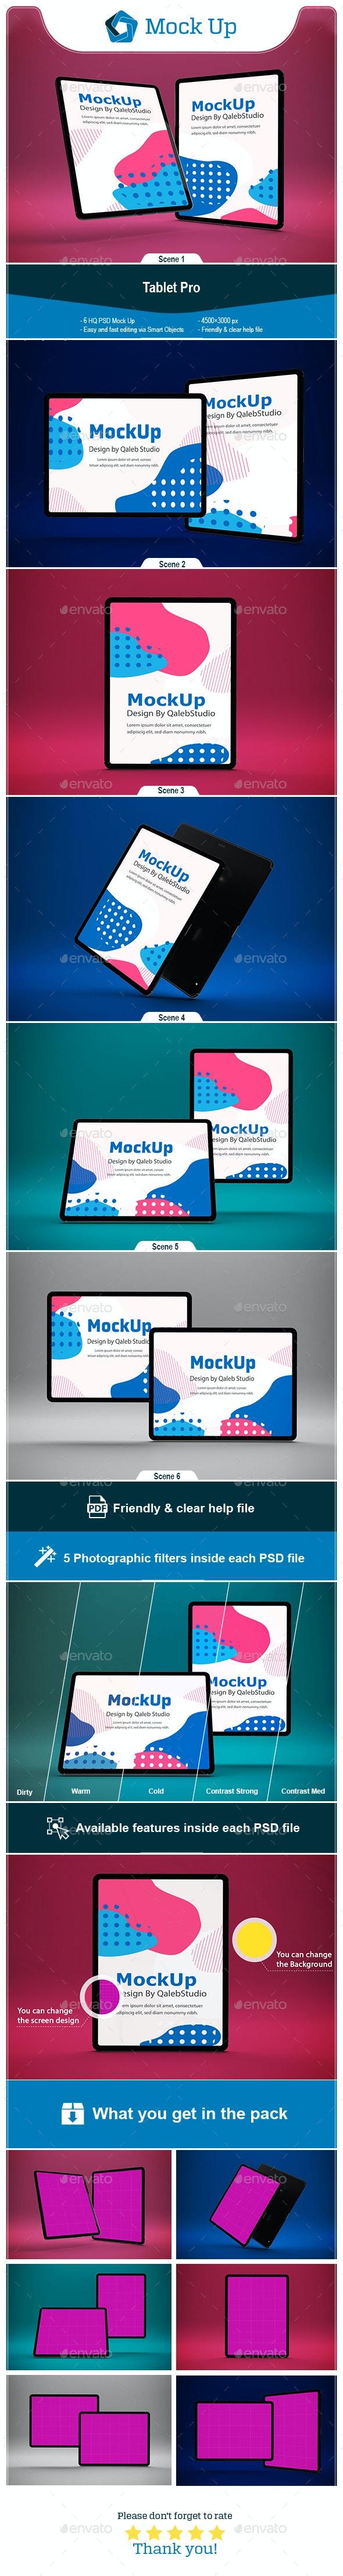 Tablet Pro Mockup - Mobile Displays